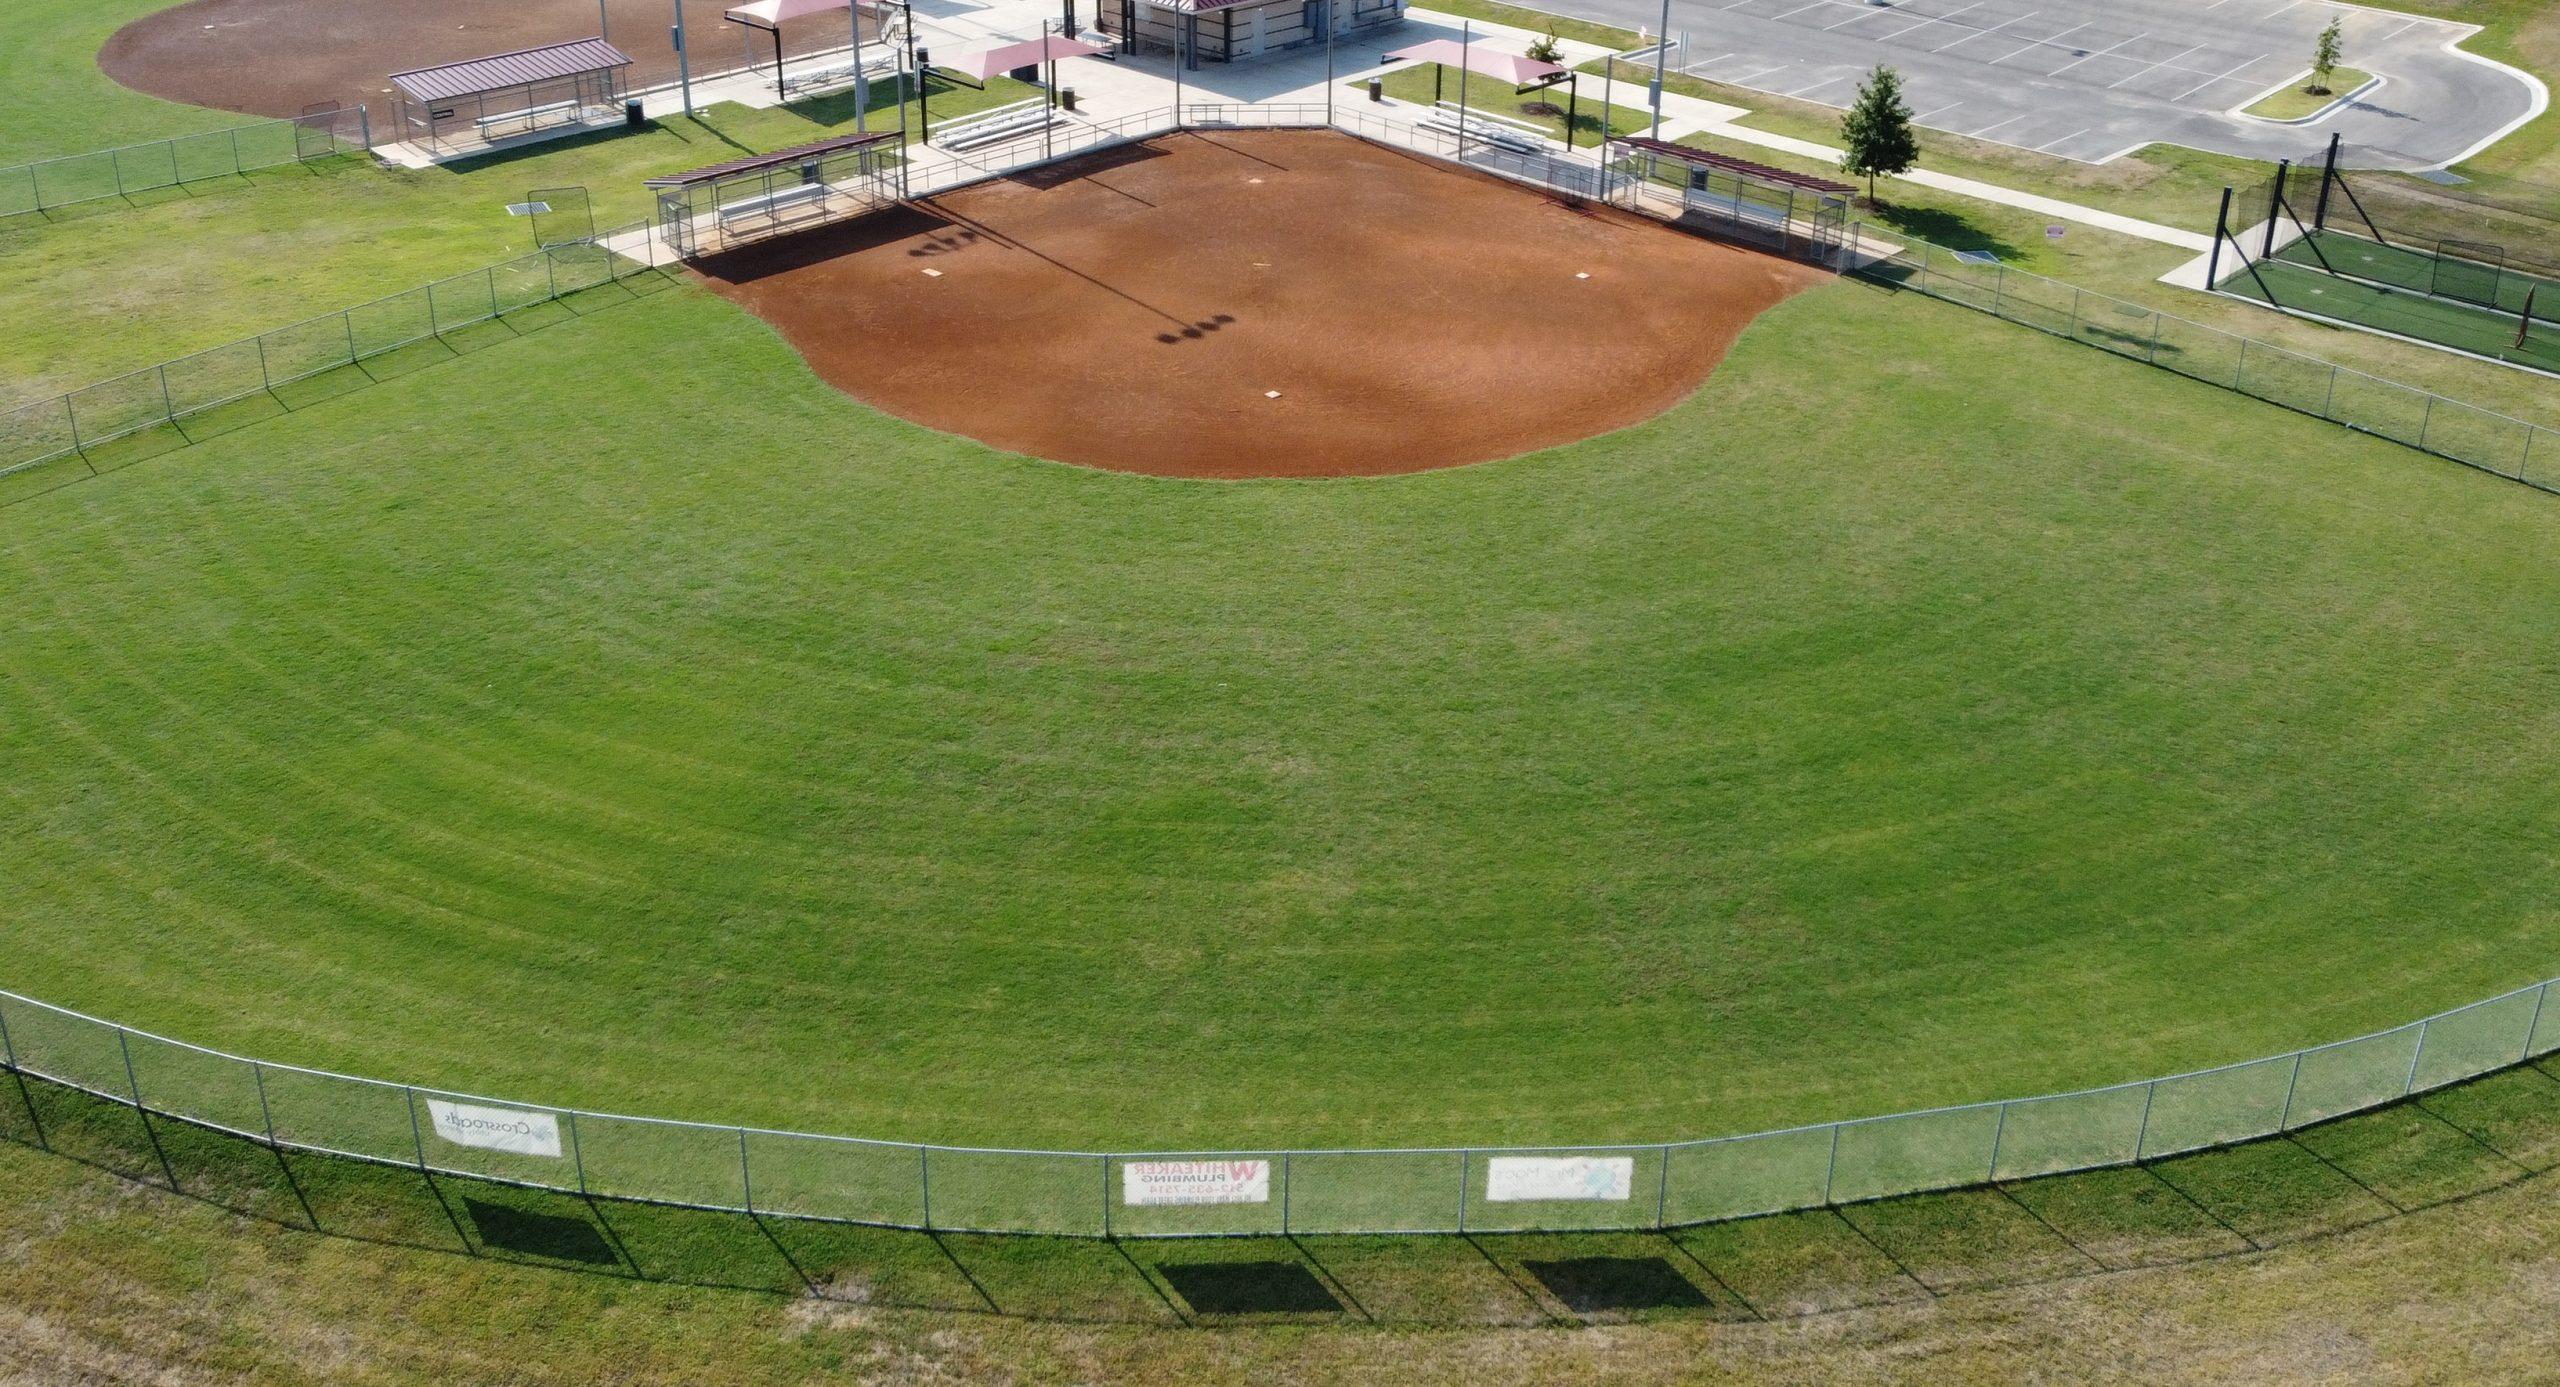 VFW West Field